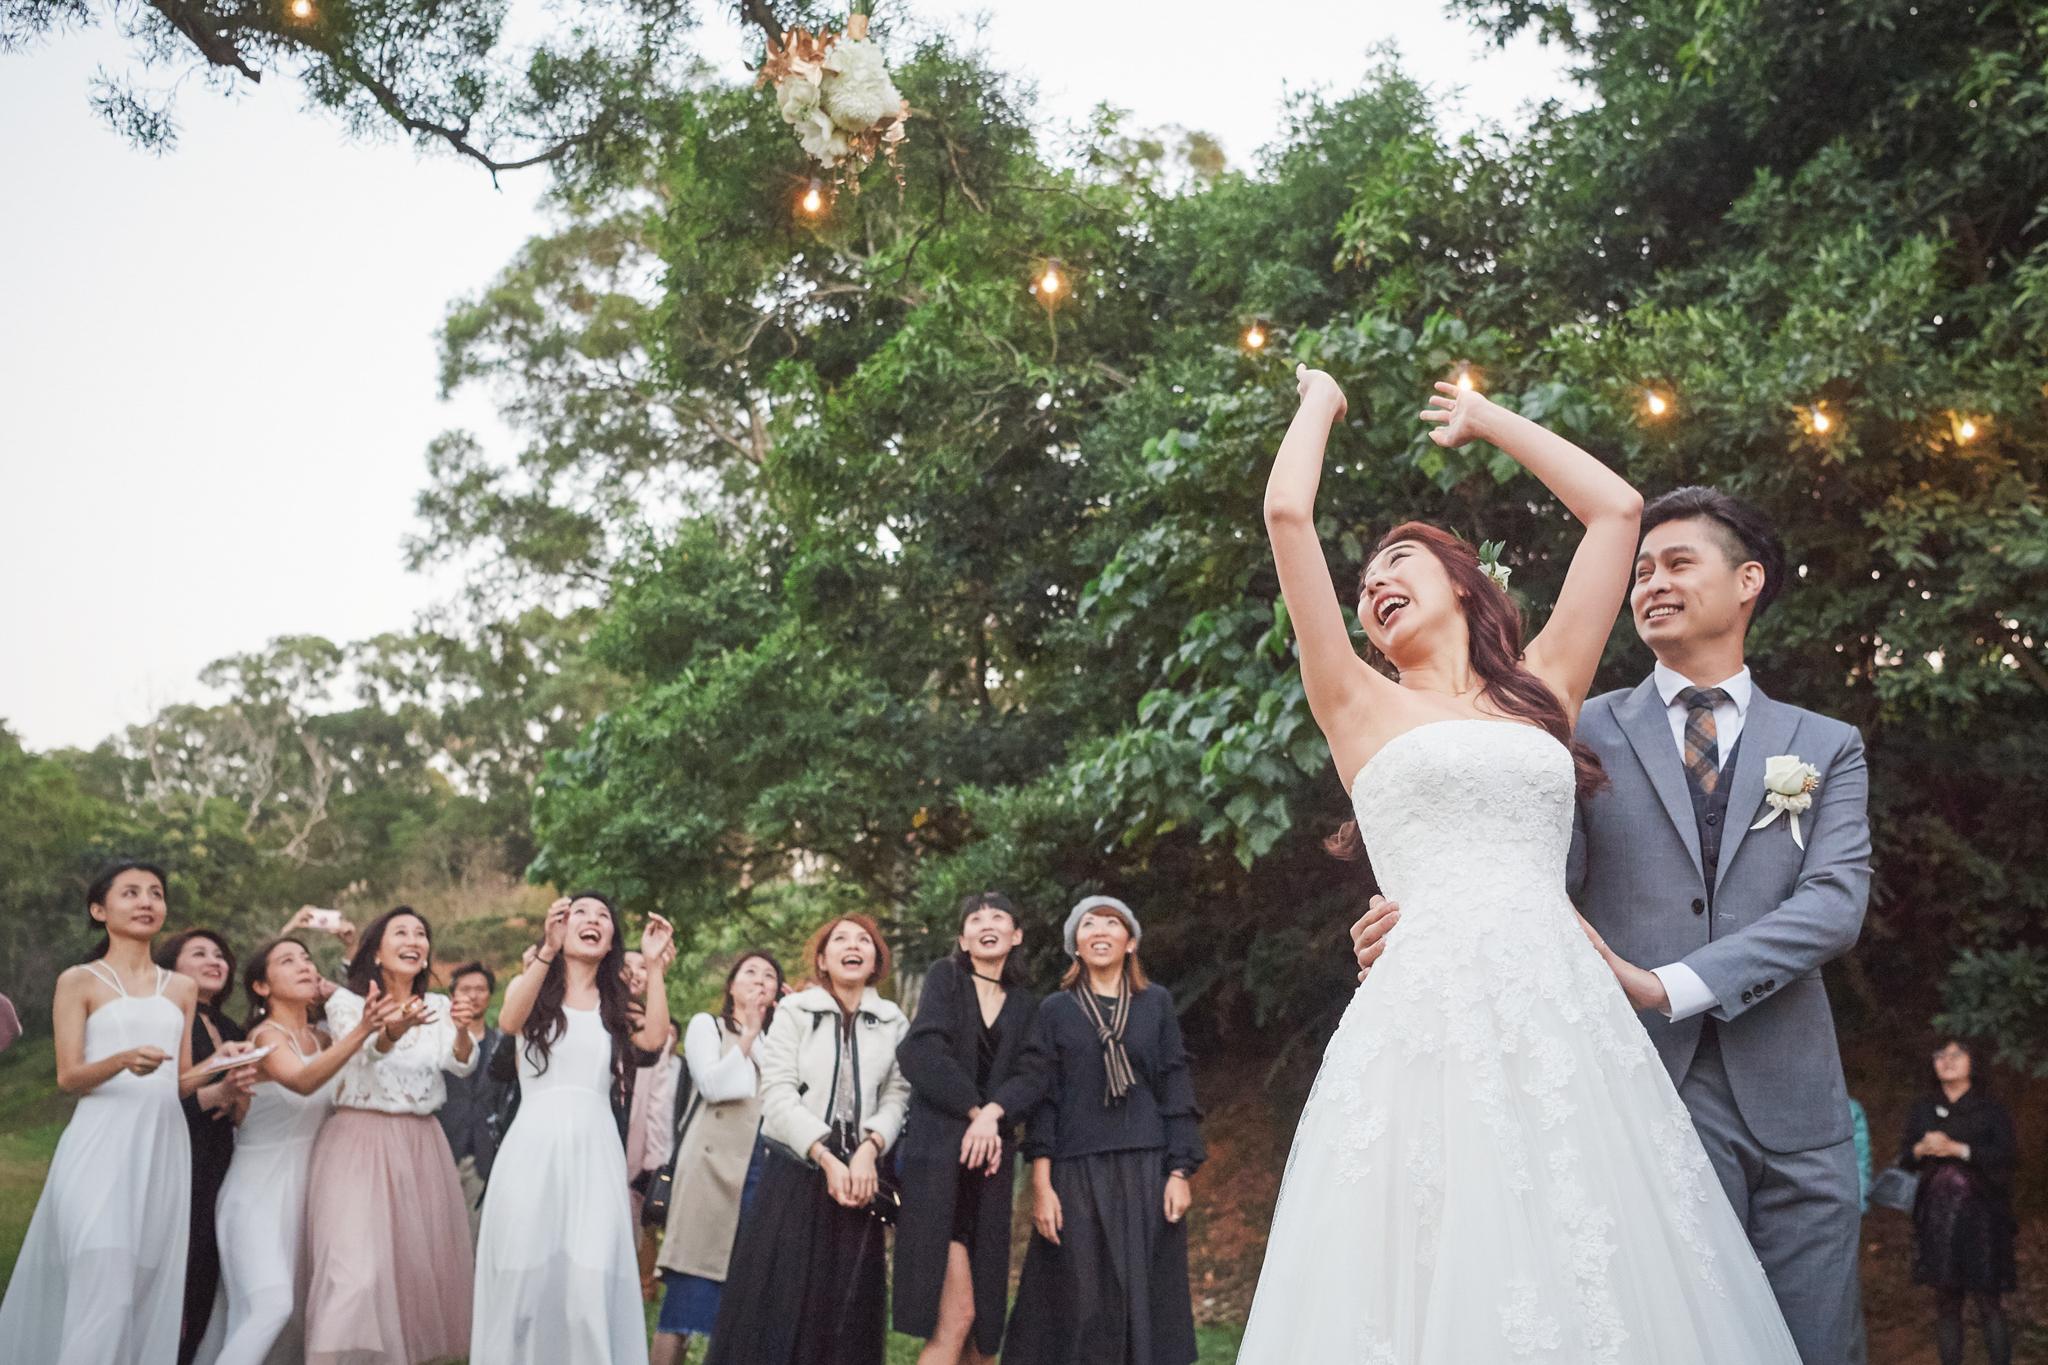 顏牧牧場婚禮, 婚攝推薦,台中婚攝,後院婚禮,戶外婚禮,美式婚禮-71